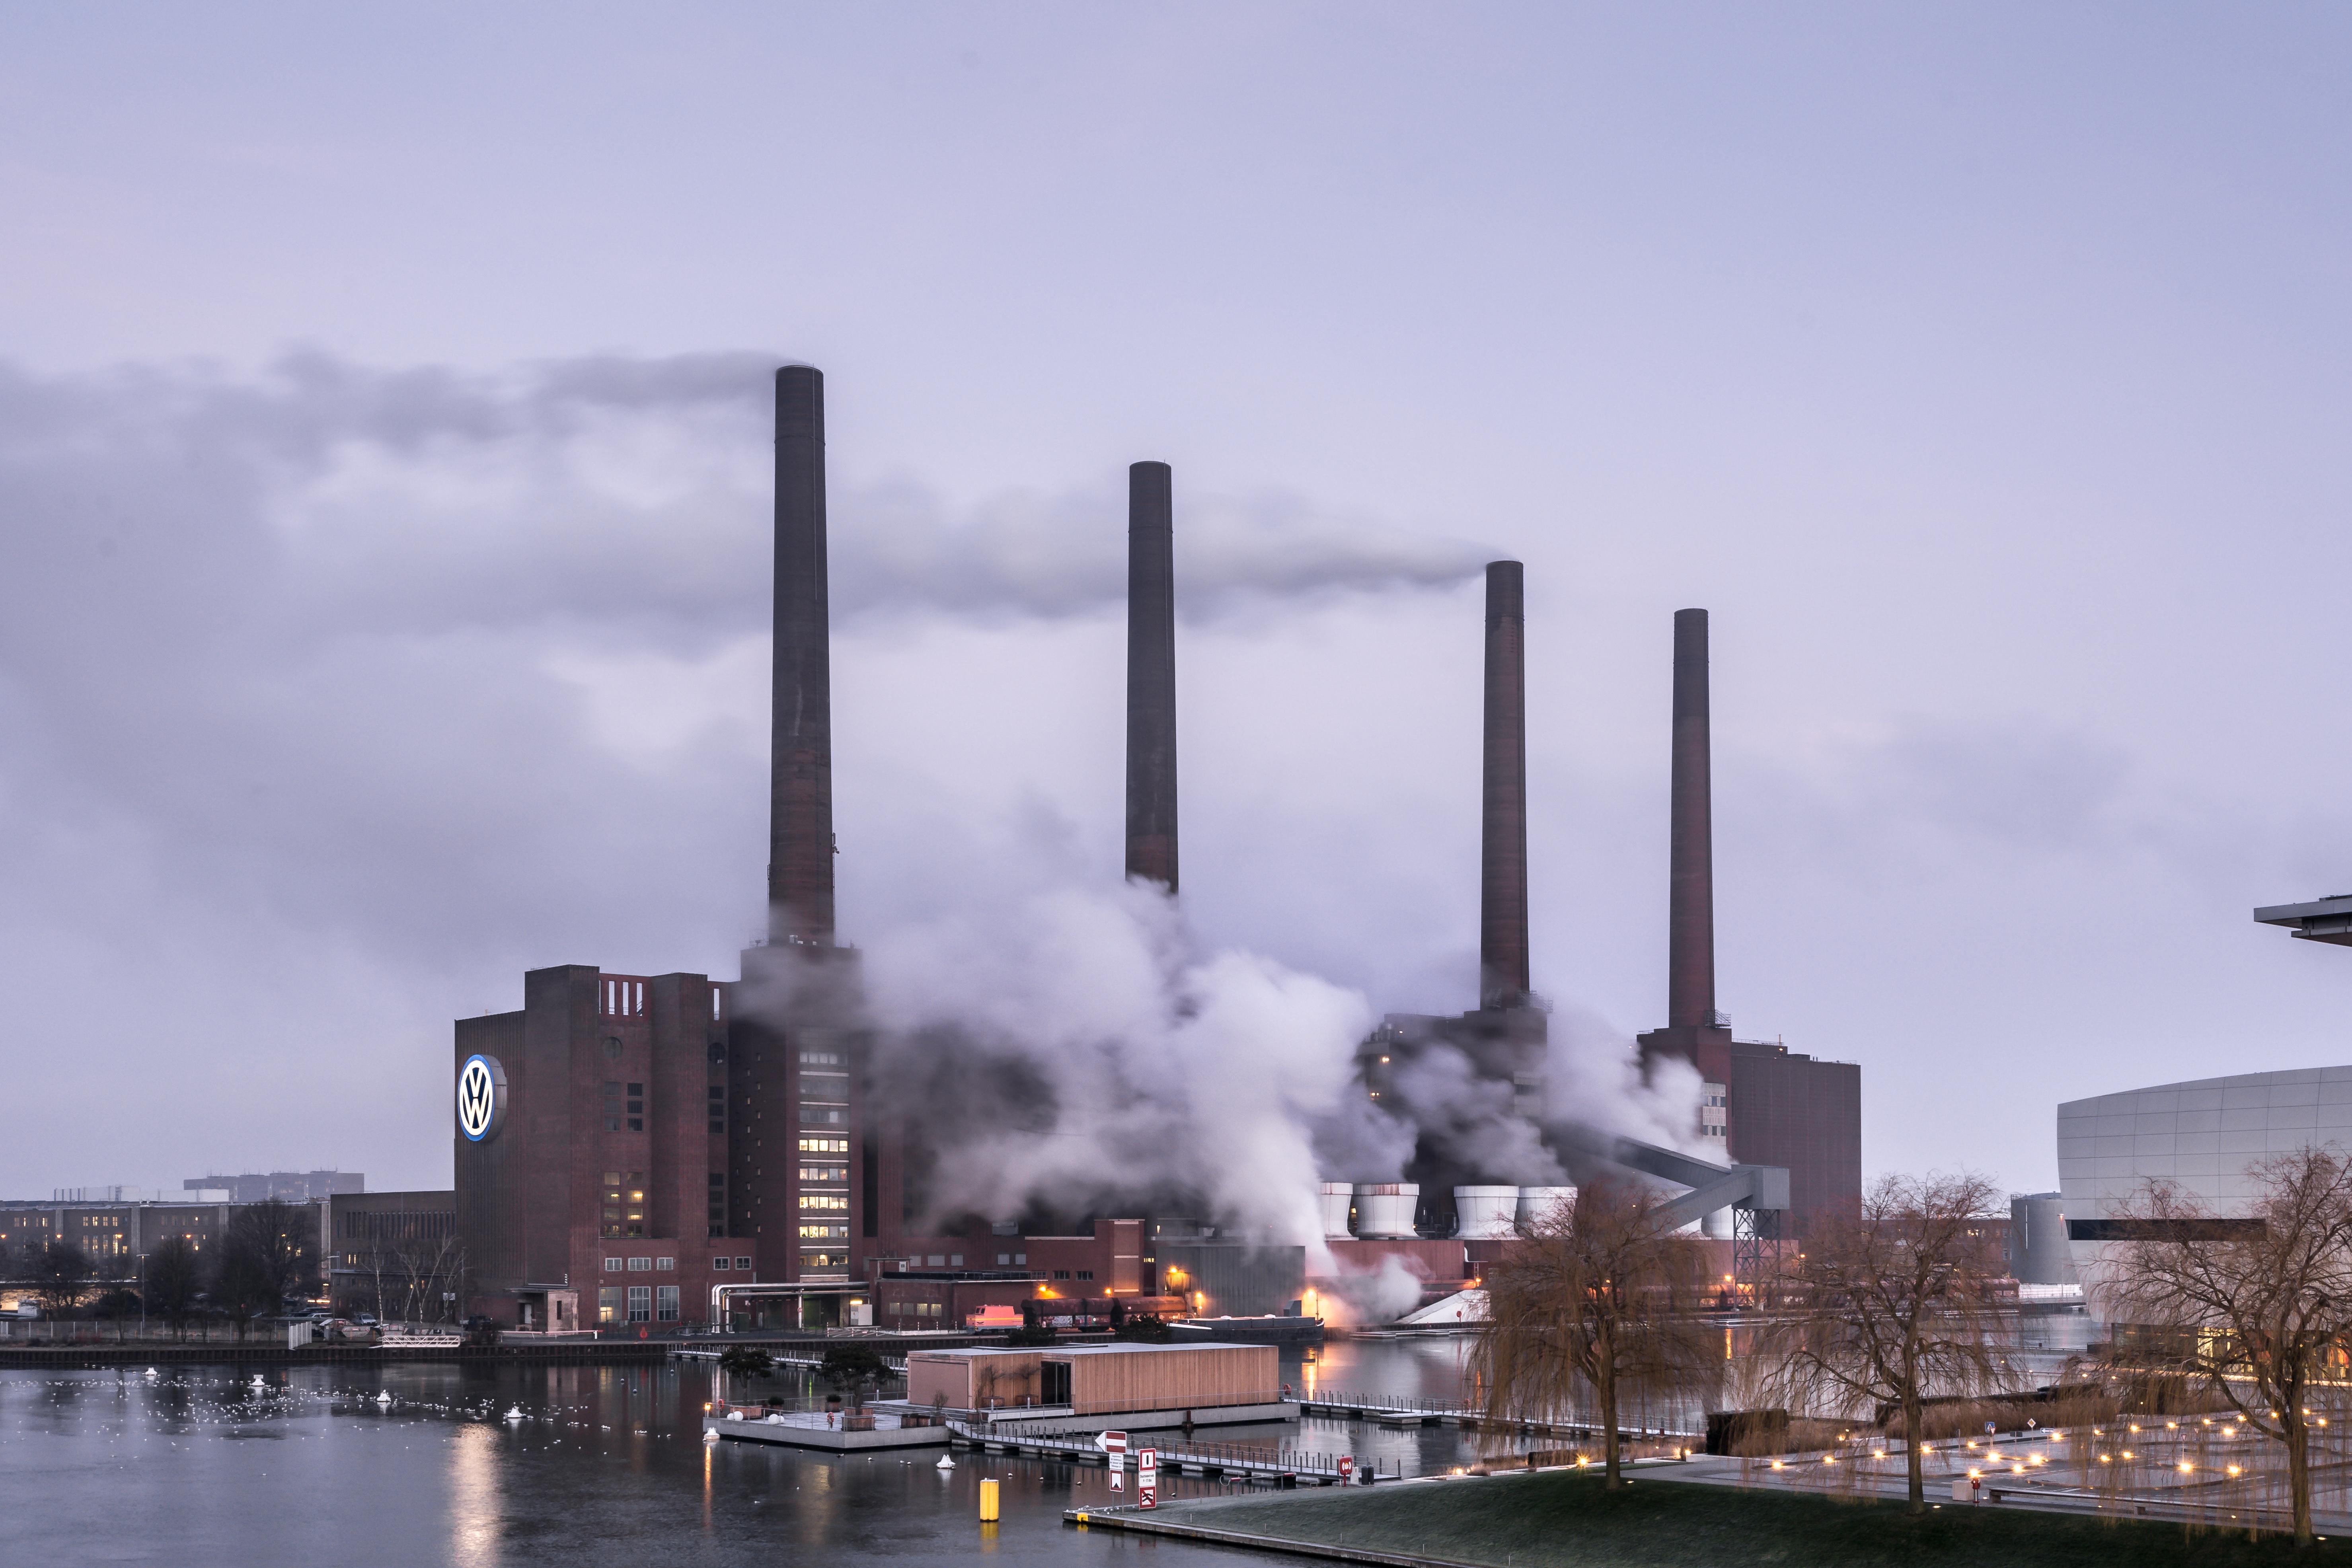 Rauchende Schornsteine und grauer Himmel: Das Volkswagen-Werk in Wolfsburg.